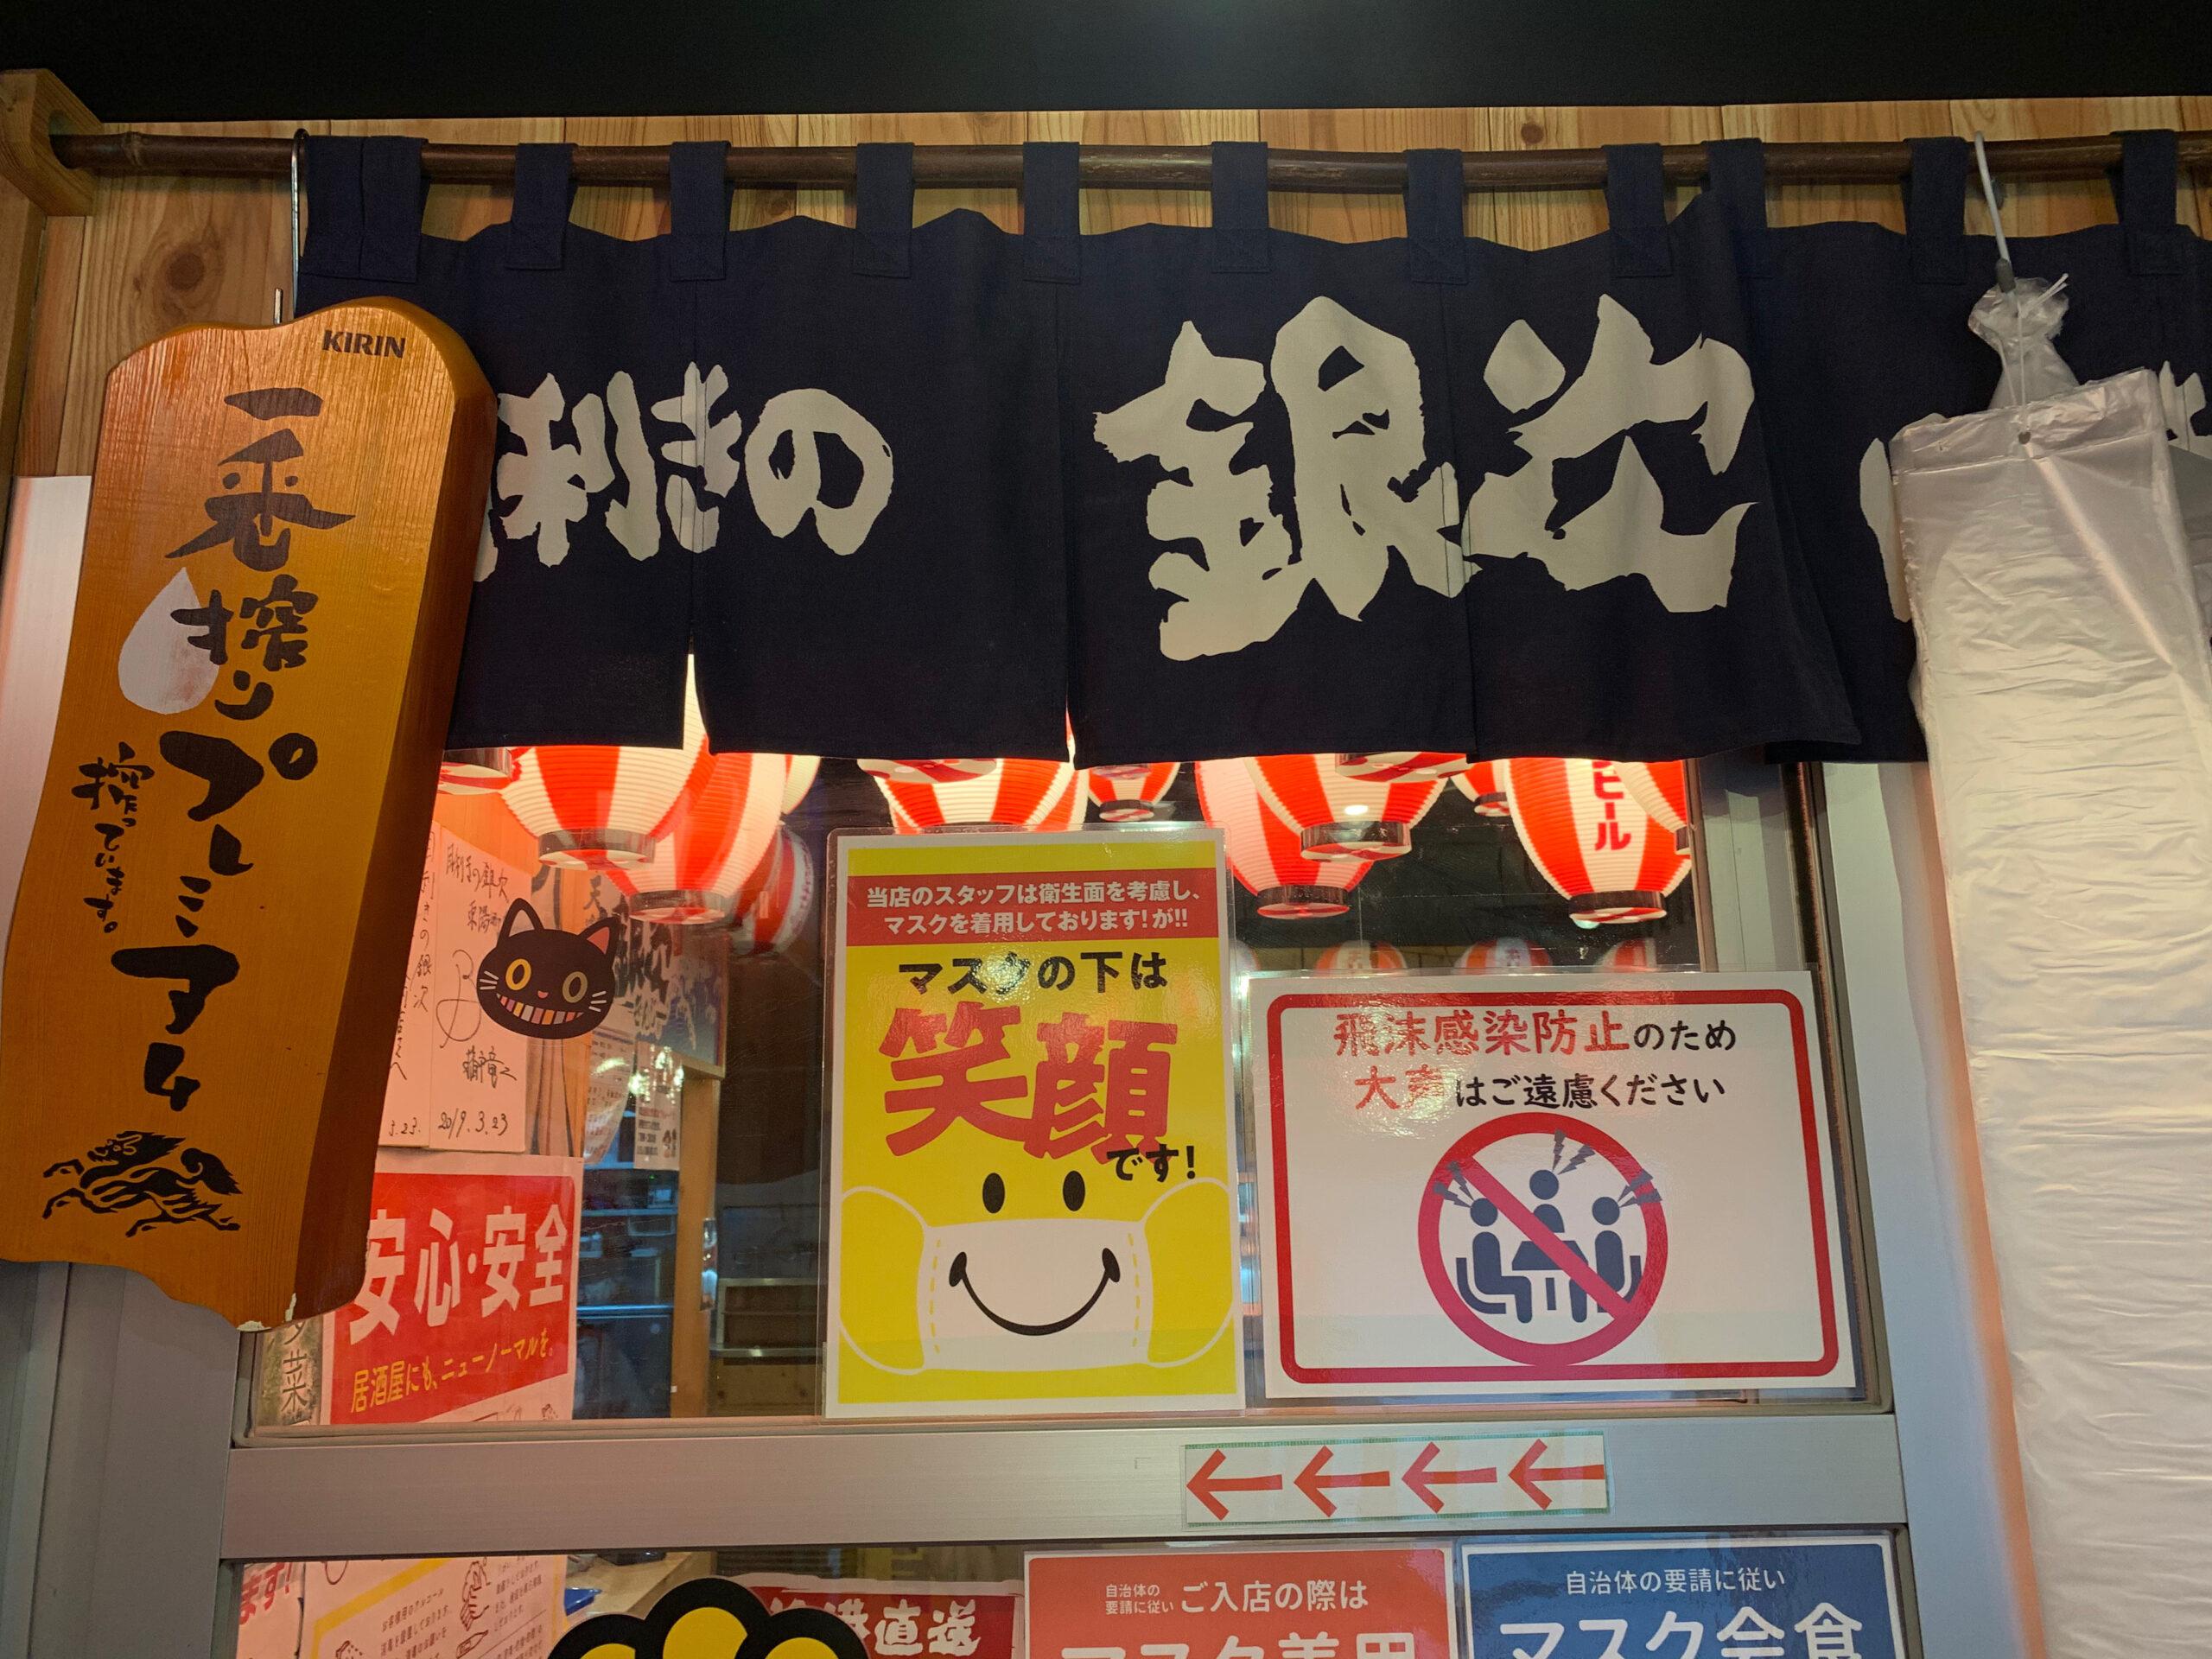 【江東区内の飲食店ランチ】東陽町駅近くにある「目利きの銀次東陽町店」に初めてお邪魔しました